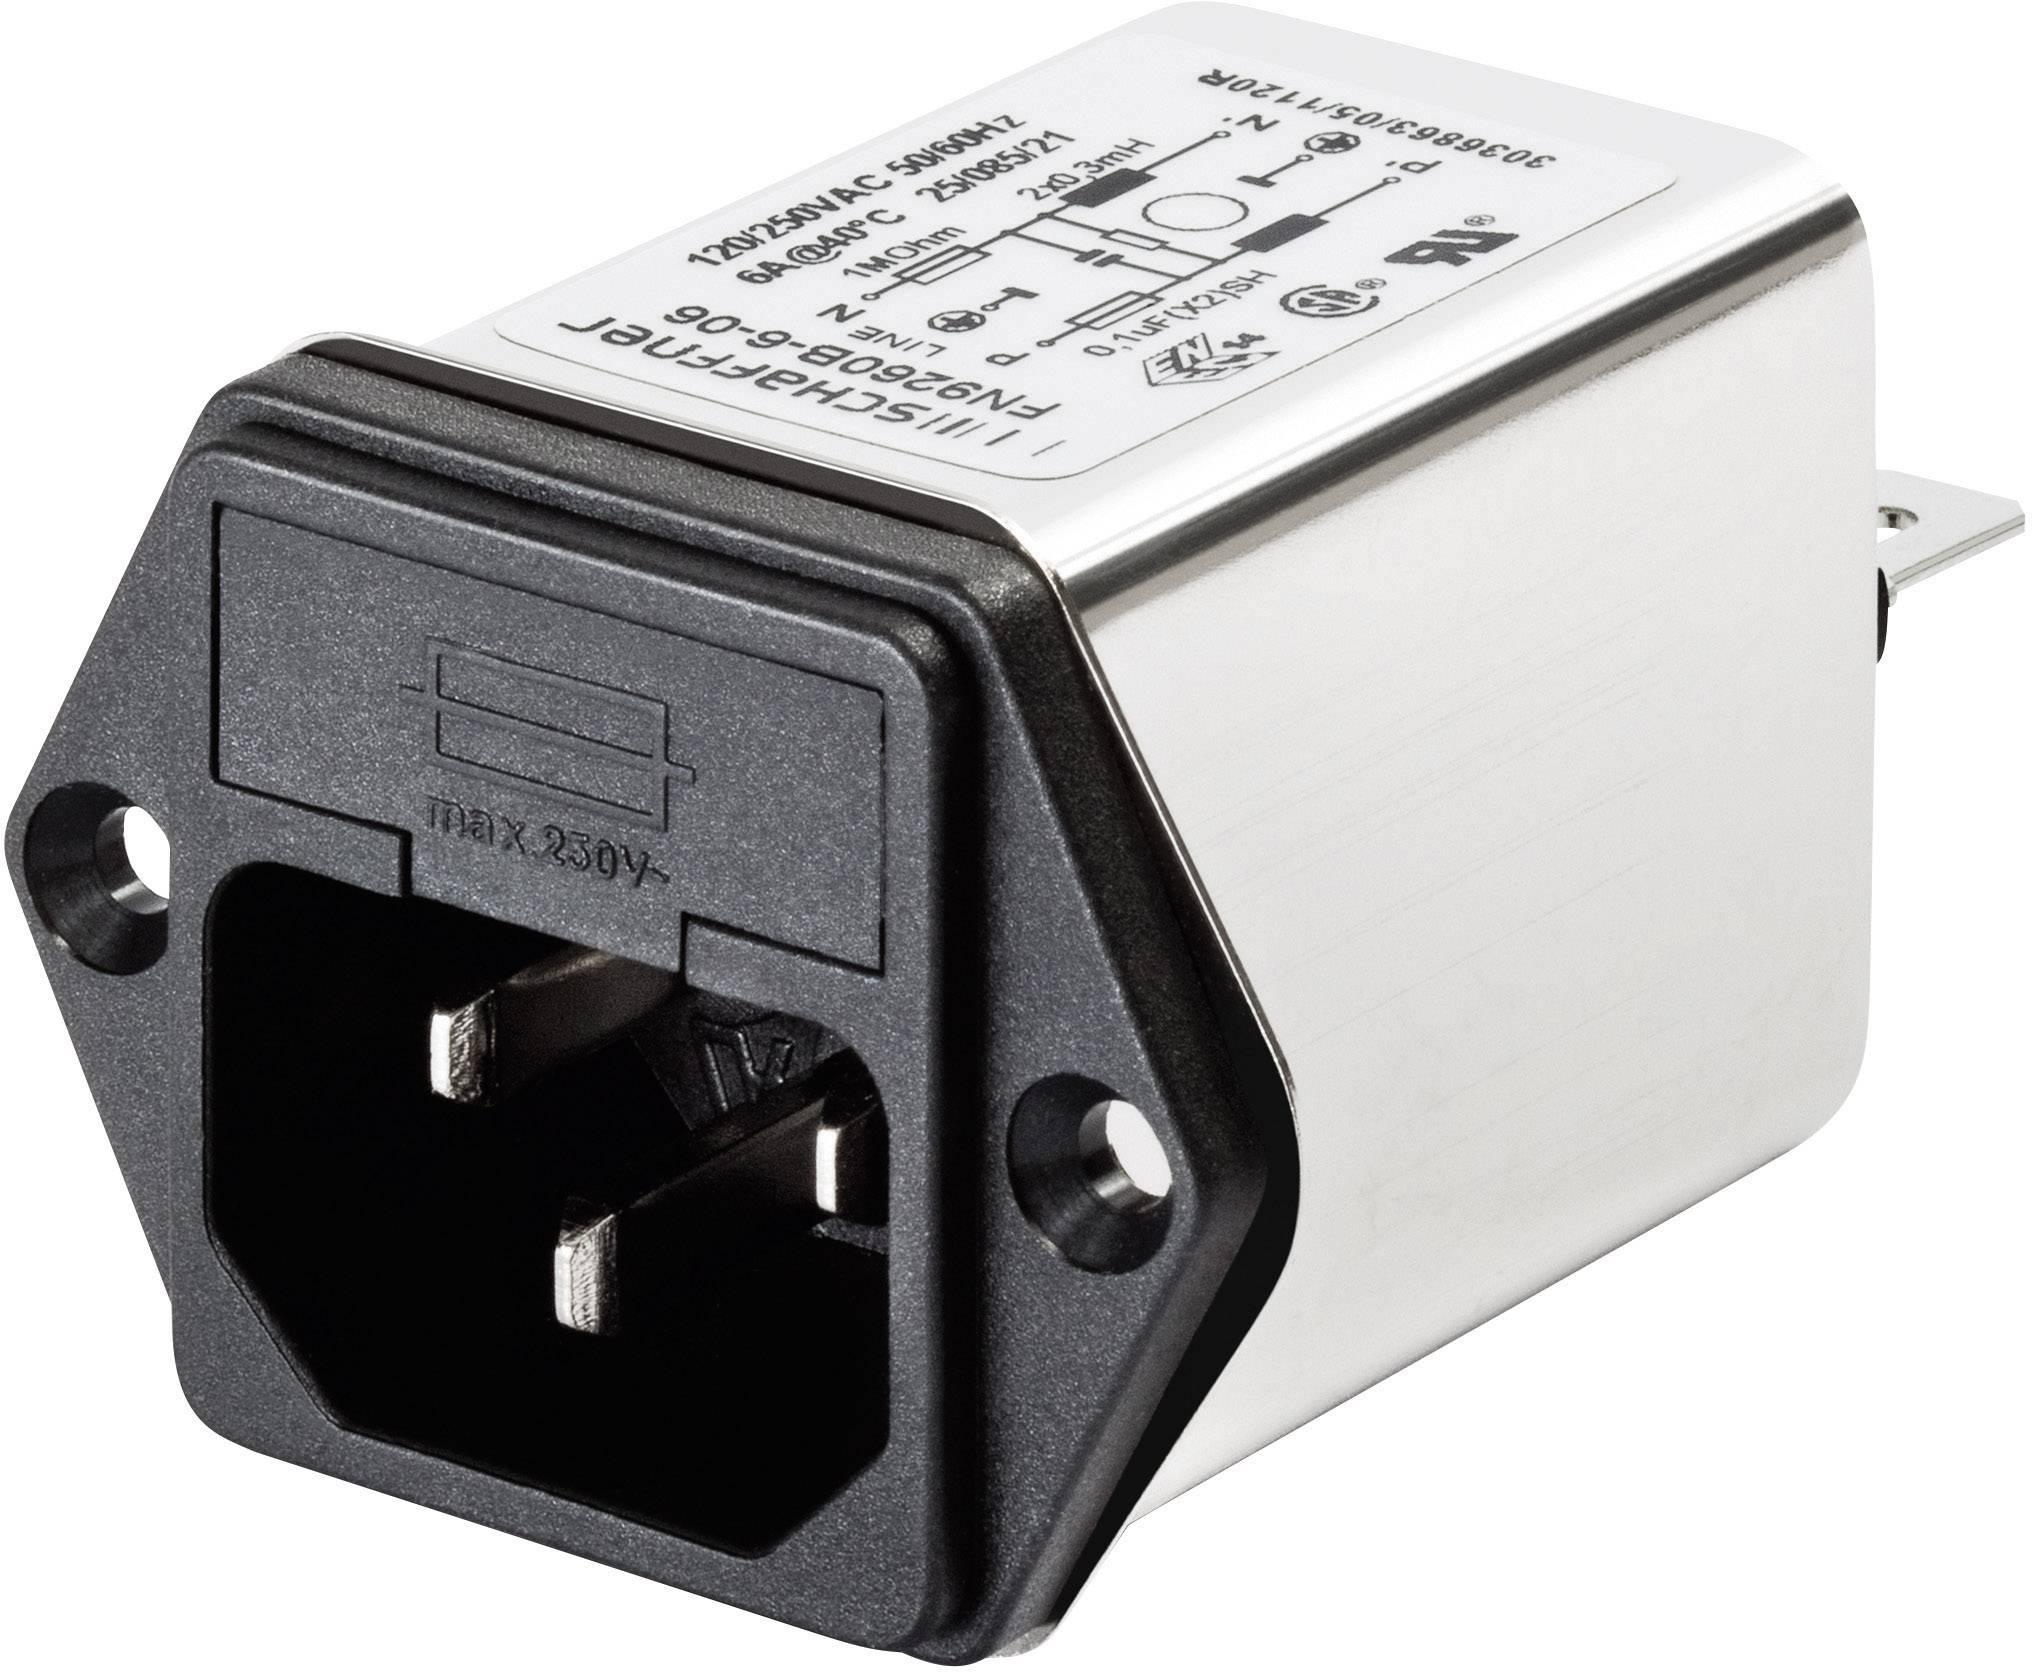 Sieťový filter Schaffner FN 9260-4-06 FN 9260-4-06, s IEC zásuvkou, s poistkou, 250 V/AC, 4 A, 1 mH, (š x v) 46 mm x 32 mm, 1 ks